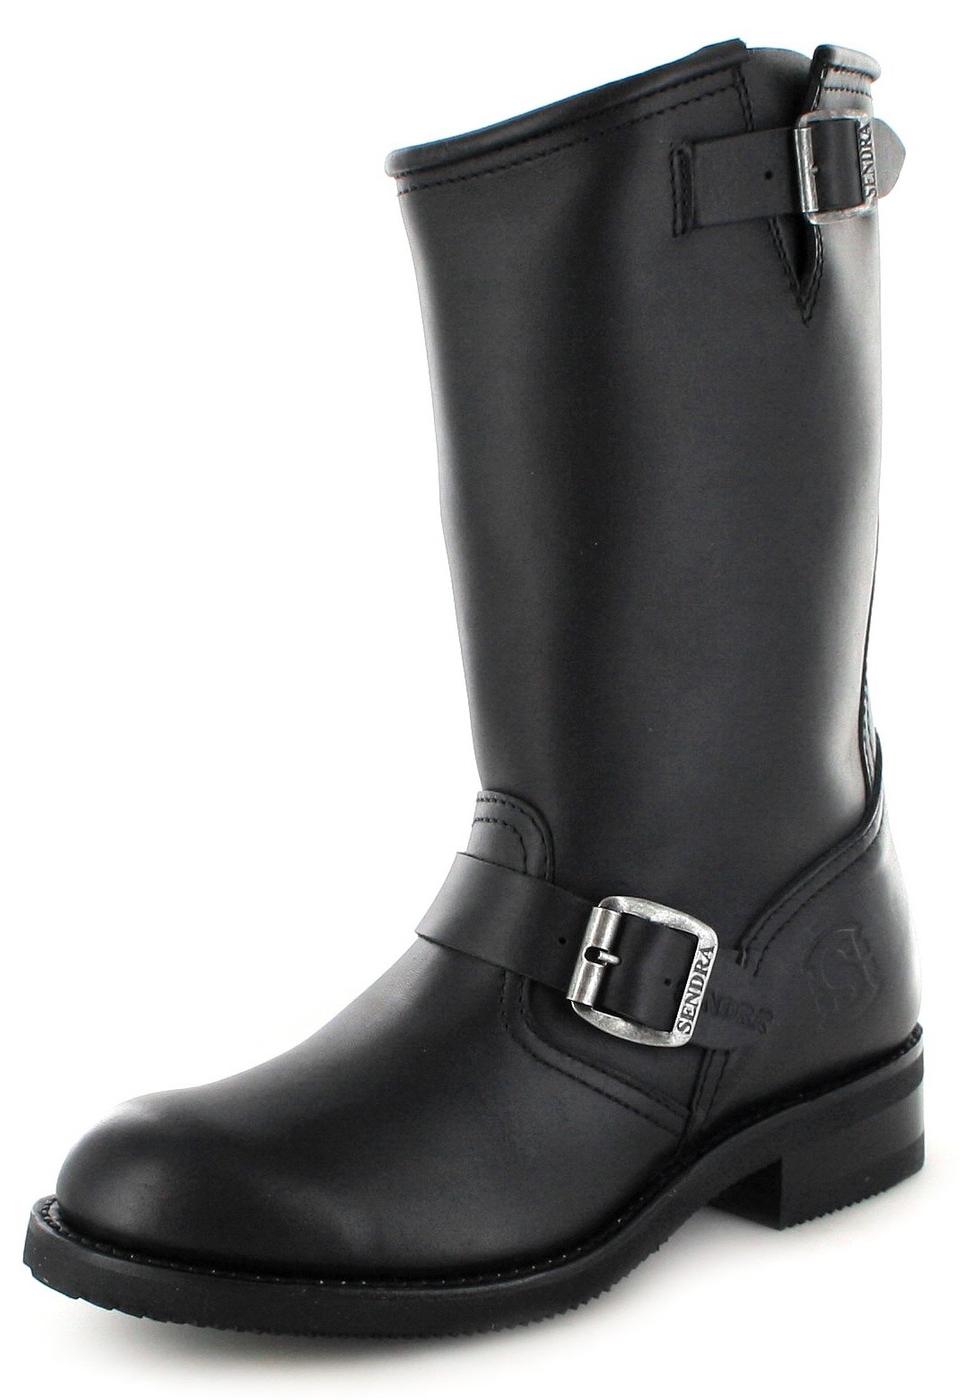 Sendra Boots 2944 Negro Engineer boot with no steel toecap- Black